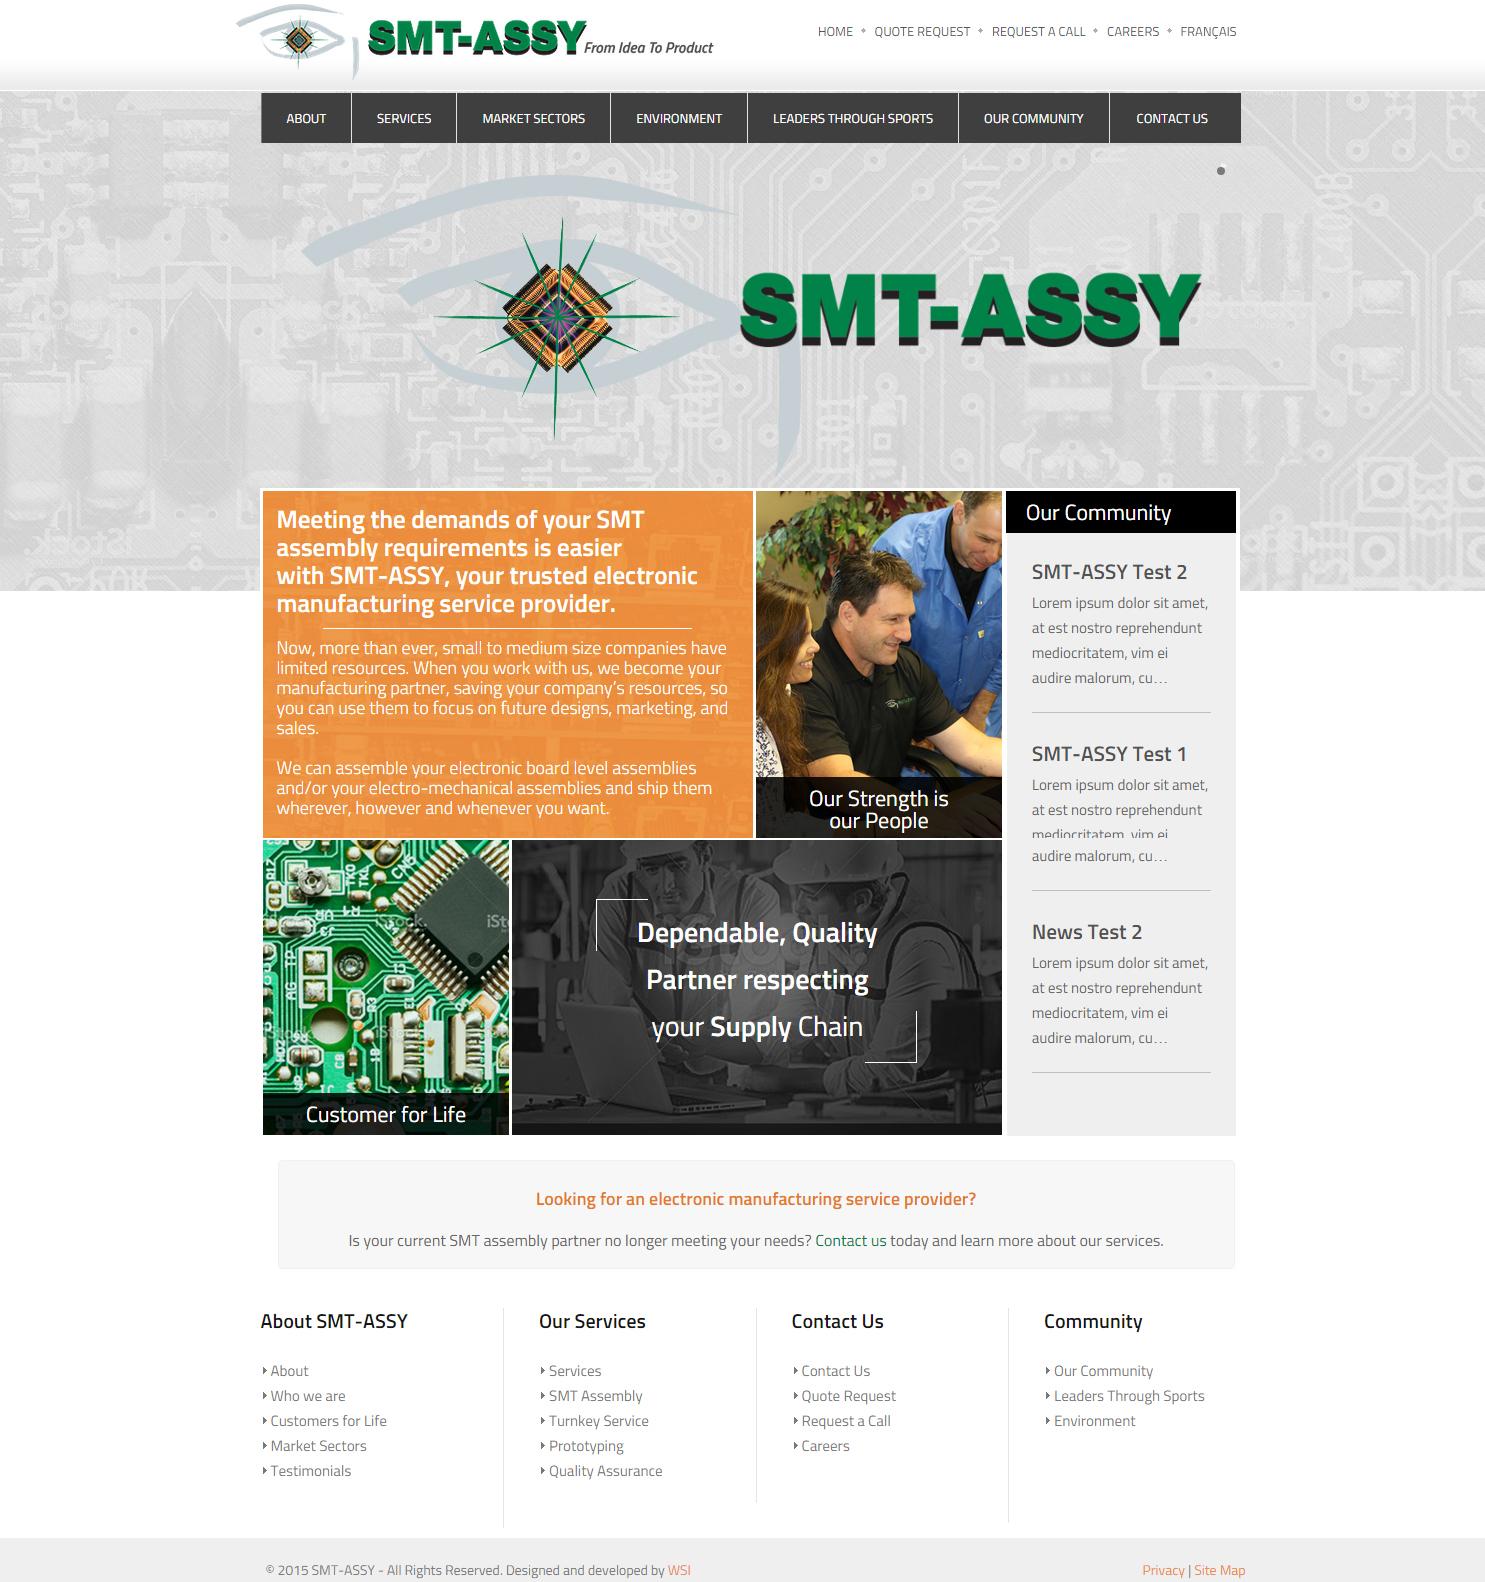 Le Site Web Reconçu De SMT-ASSY